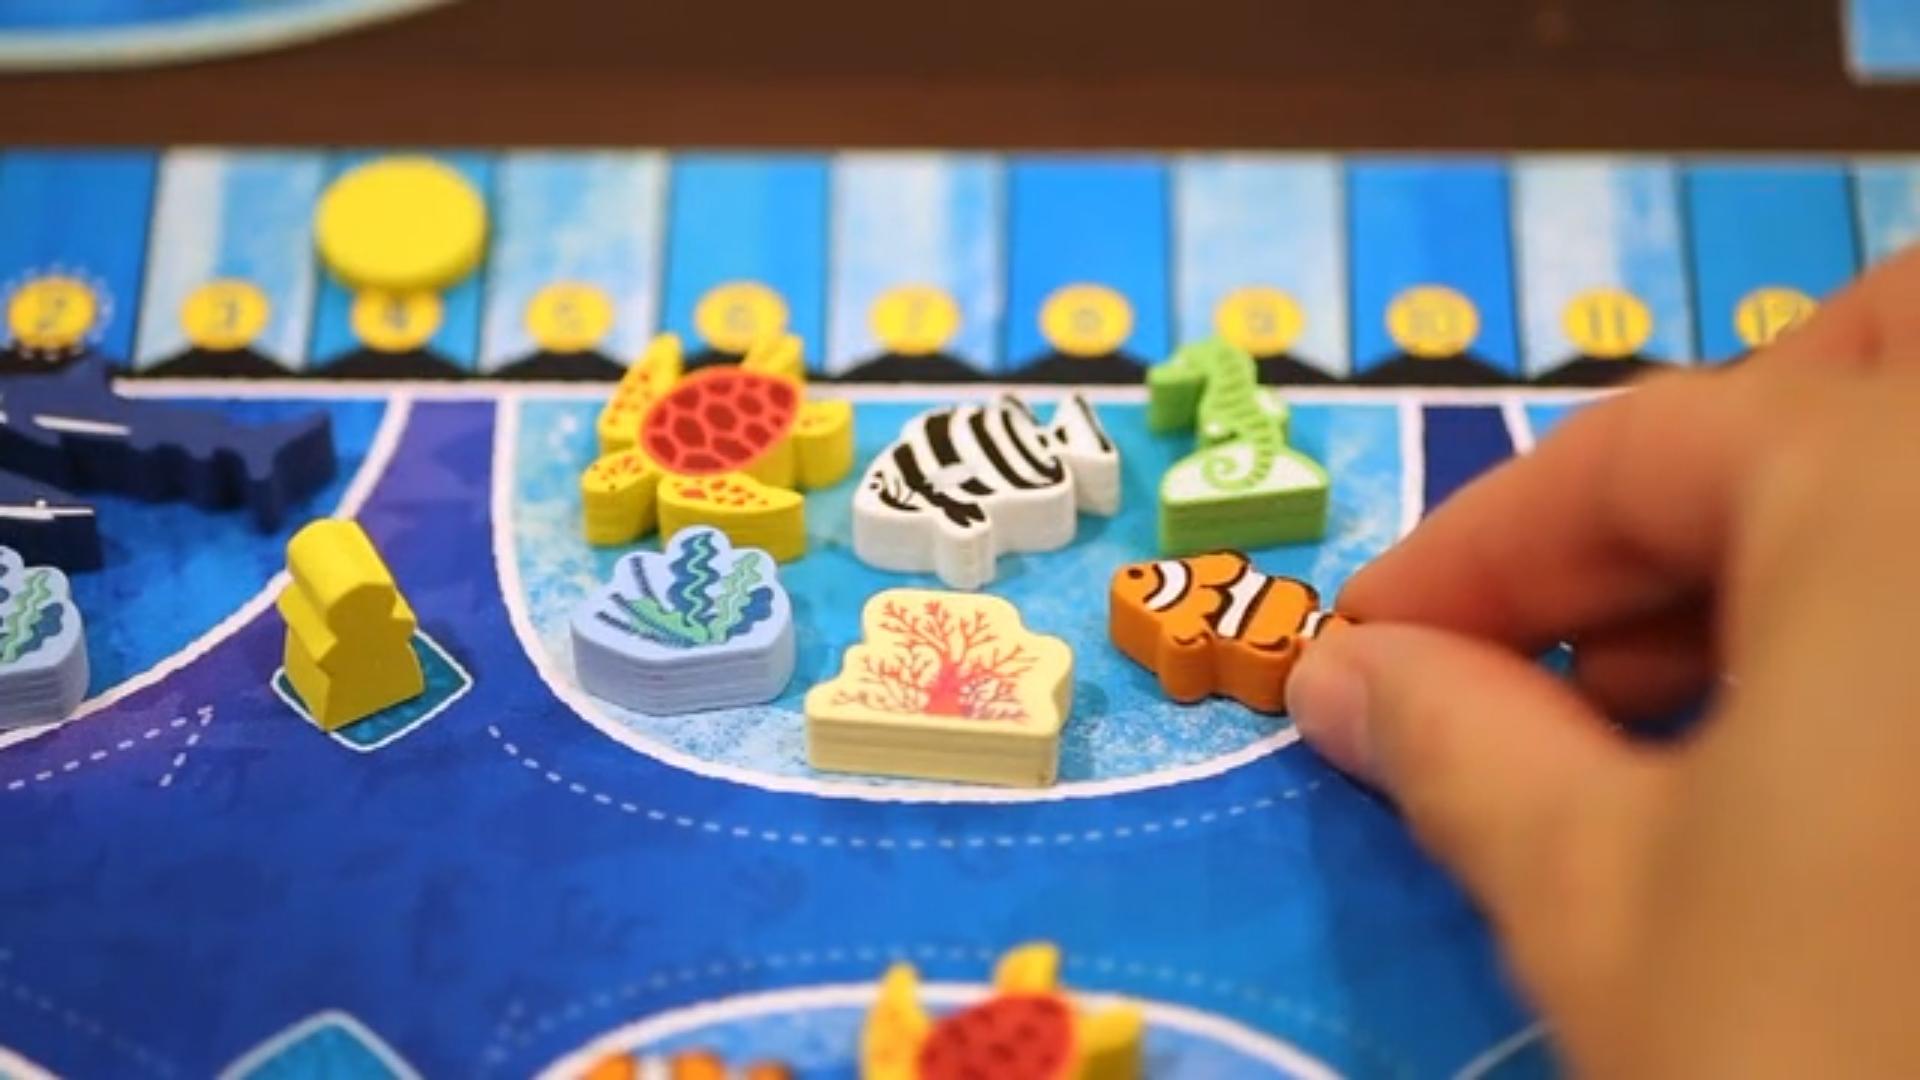 aqua-garden-board-game-tank.png